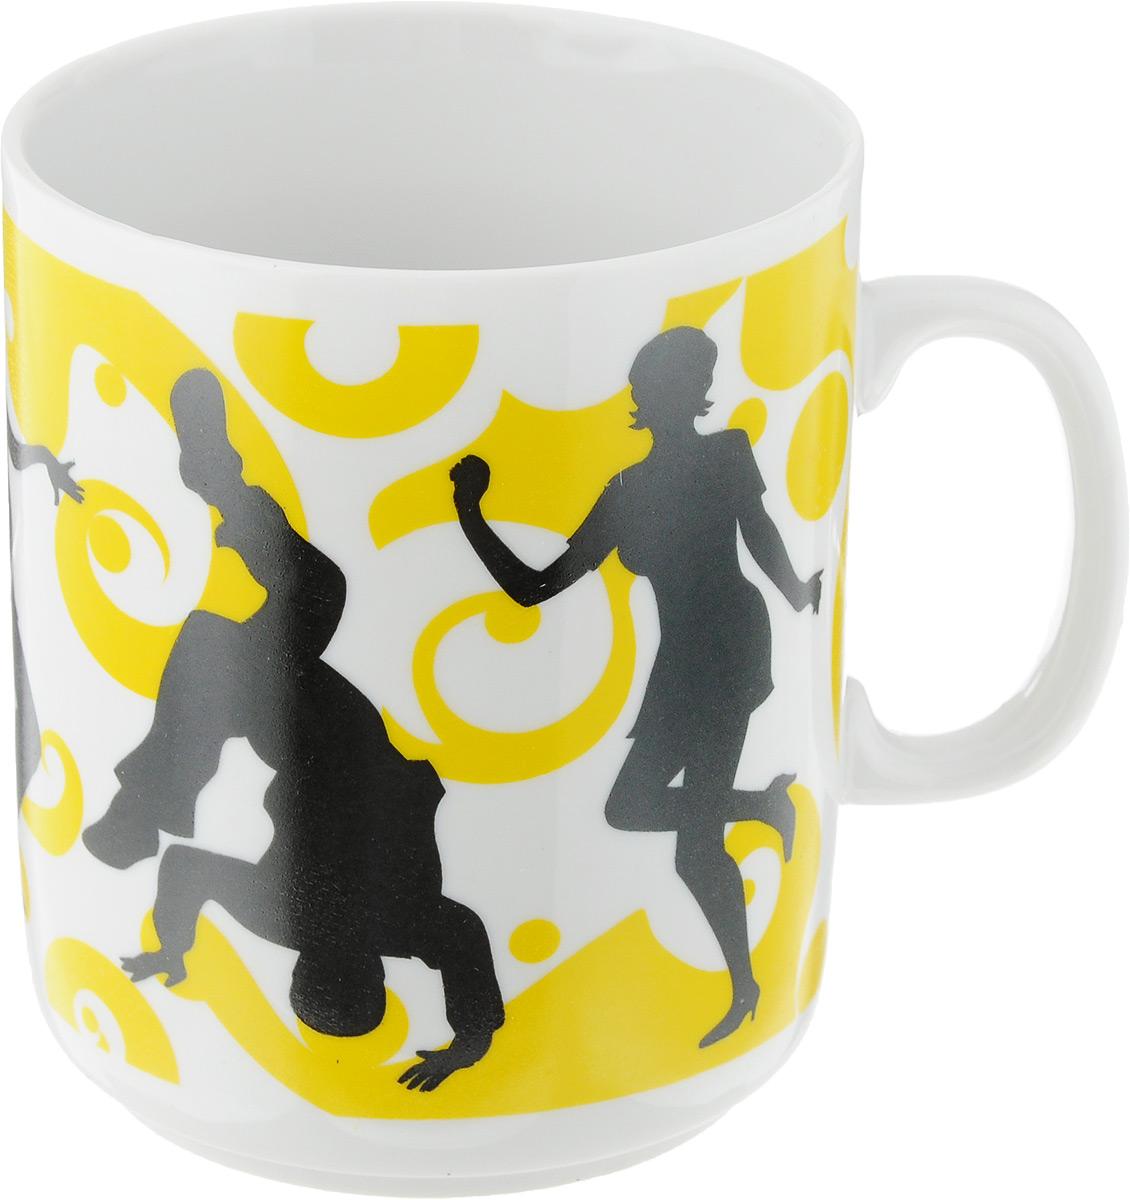 Кружка Фарфор Вербилок Dance, цвет: желтый, белый, черный, 300 мл9272060_желтый, белый, черныйКружка Фарфор Вербилок Dance способна скрасить любое чаепитие. Изделие выполнено из высококачественного фарфора. Посуда из такого материала позволяет сохранить истинный вкус напитка, а также помогает ему дольше оставаться теплым. Диаметр по верхнему краю: 7,5 см. Высота кружки: 10 см.